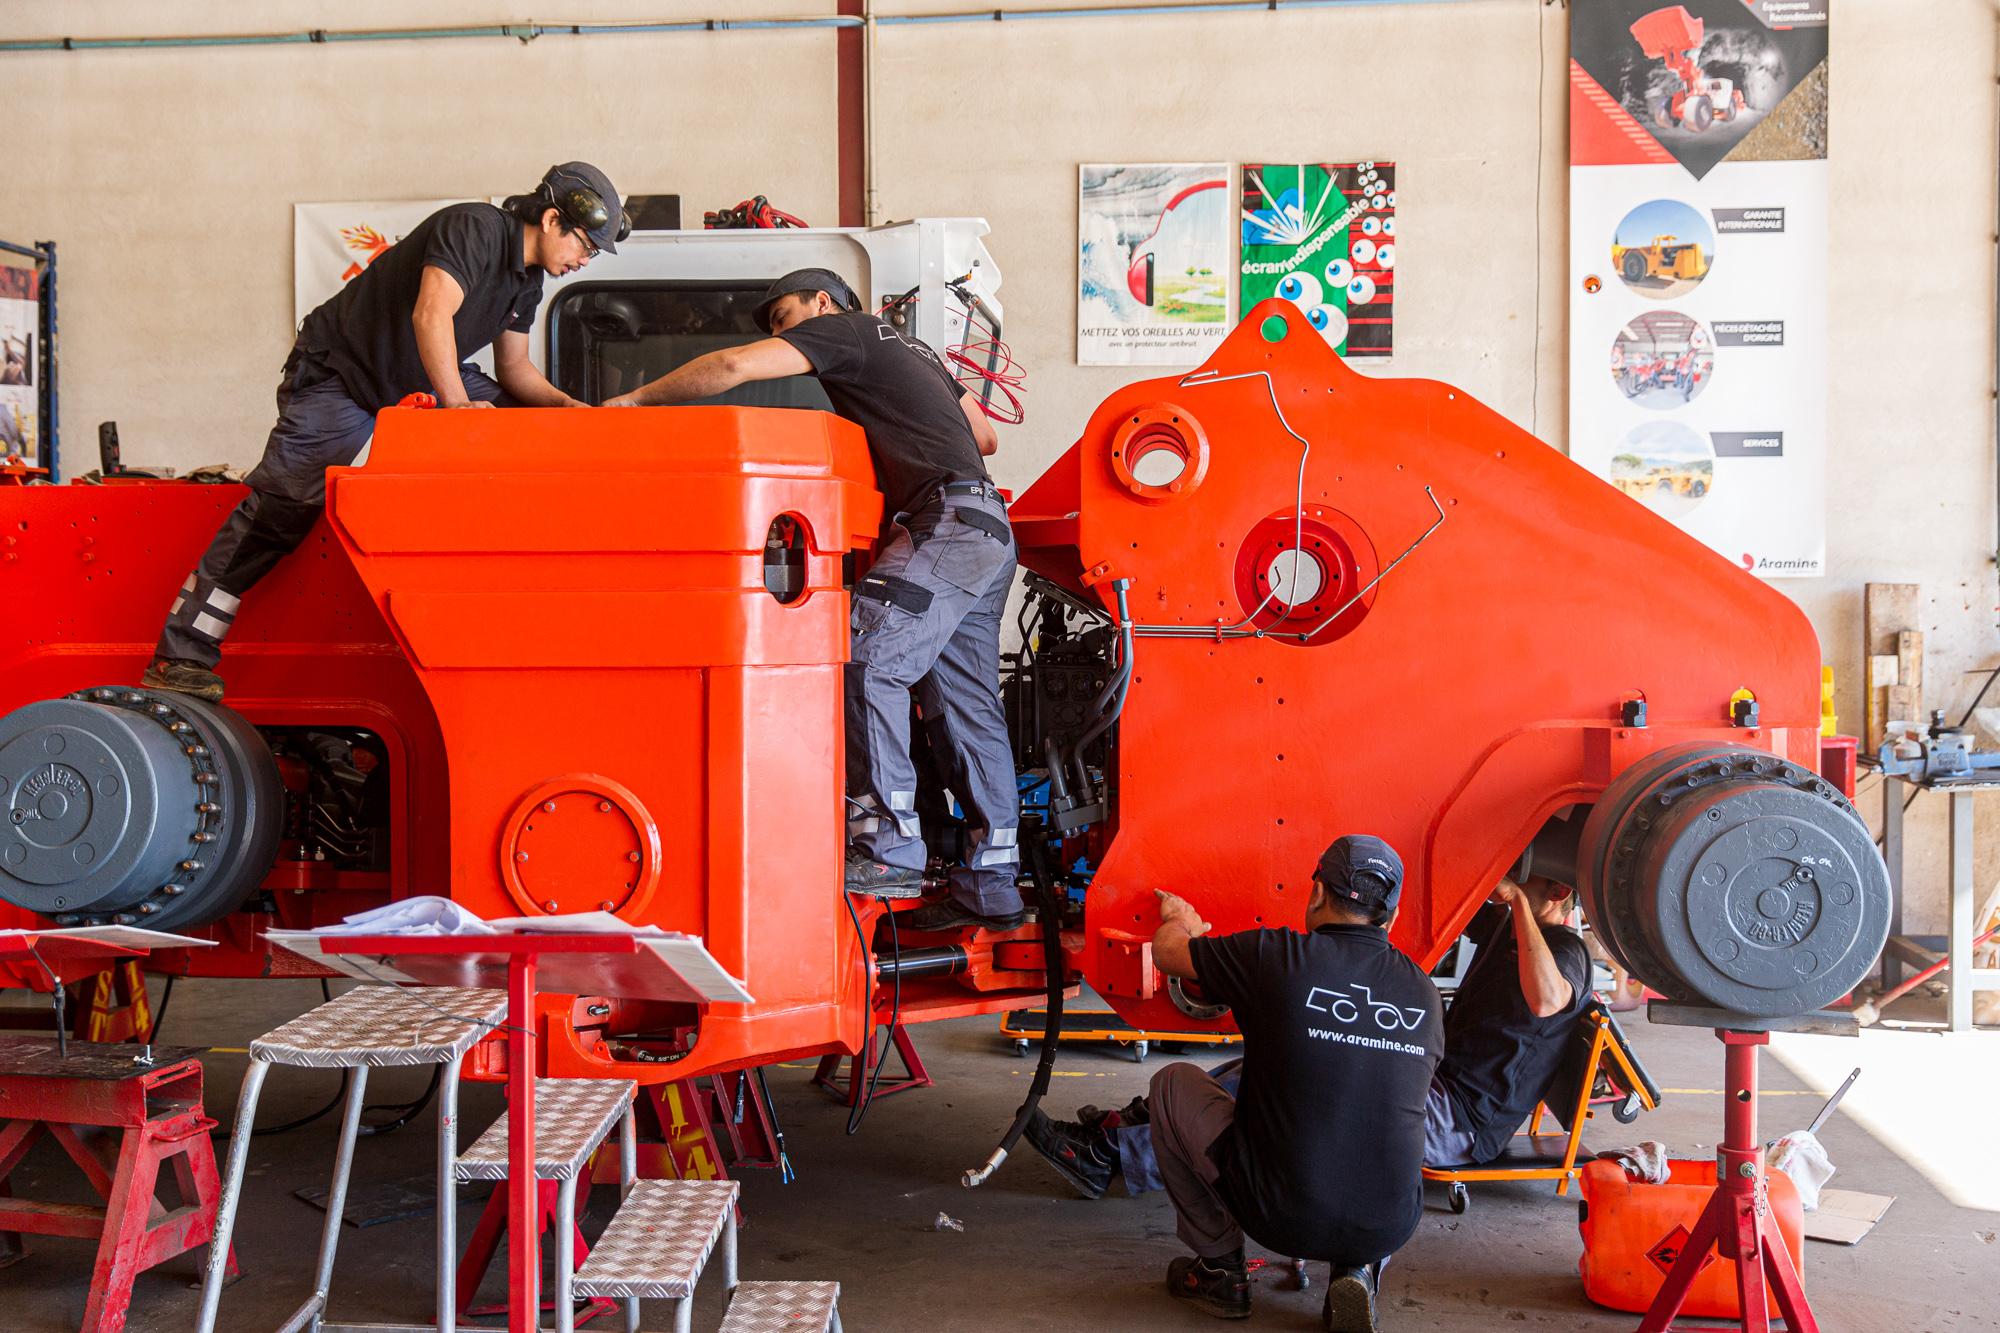 Trois mécaniciens travaillent sur un véhicule de la société Aramine. Reportage photo pour la société